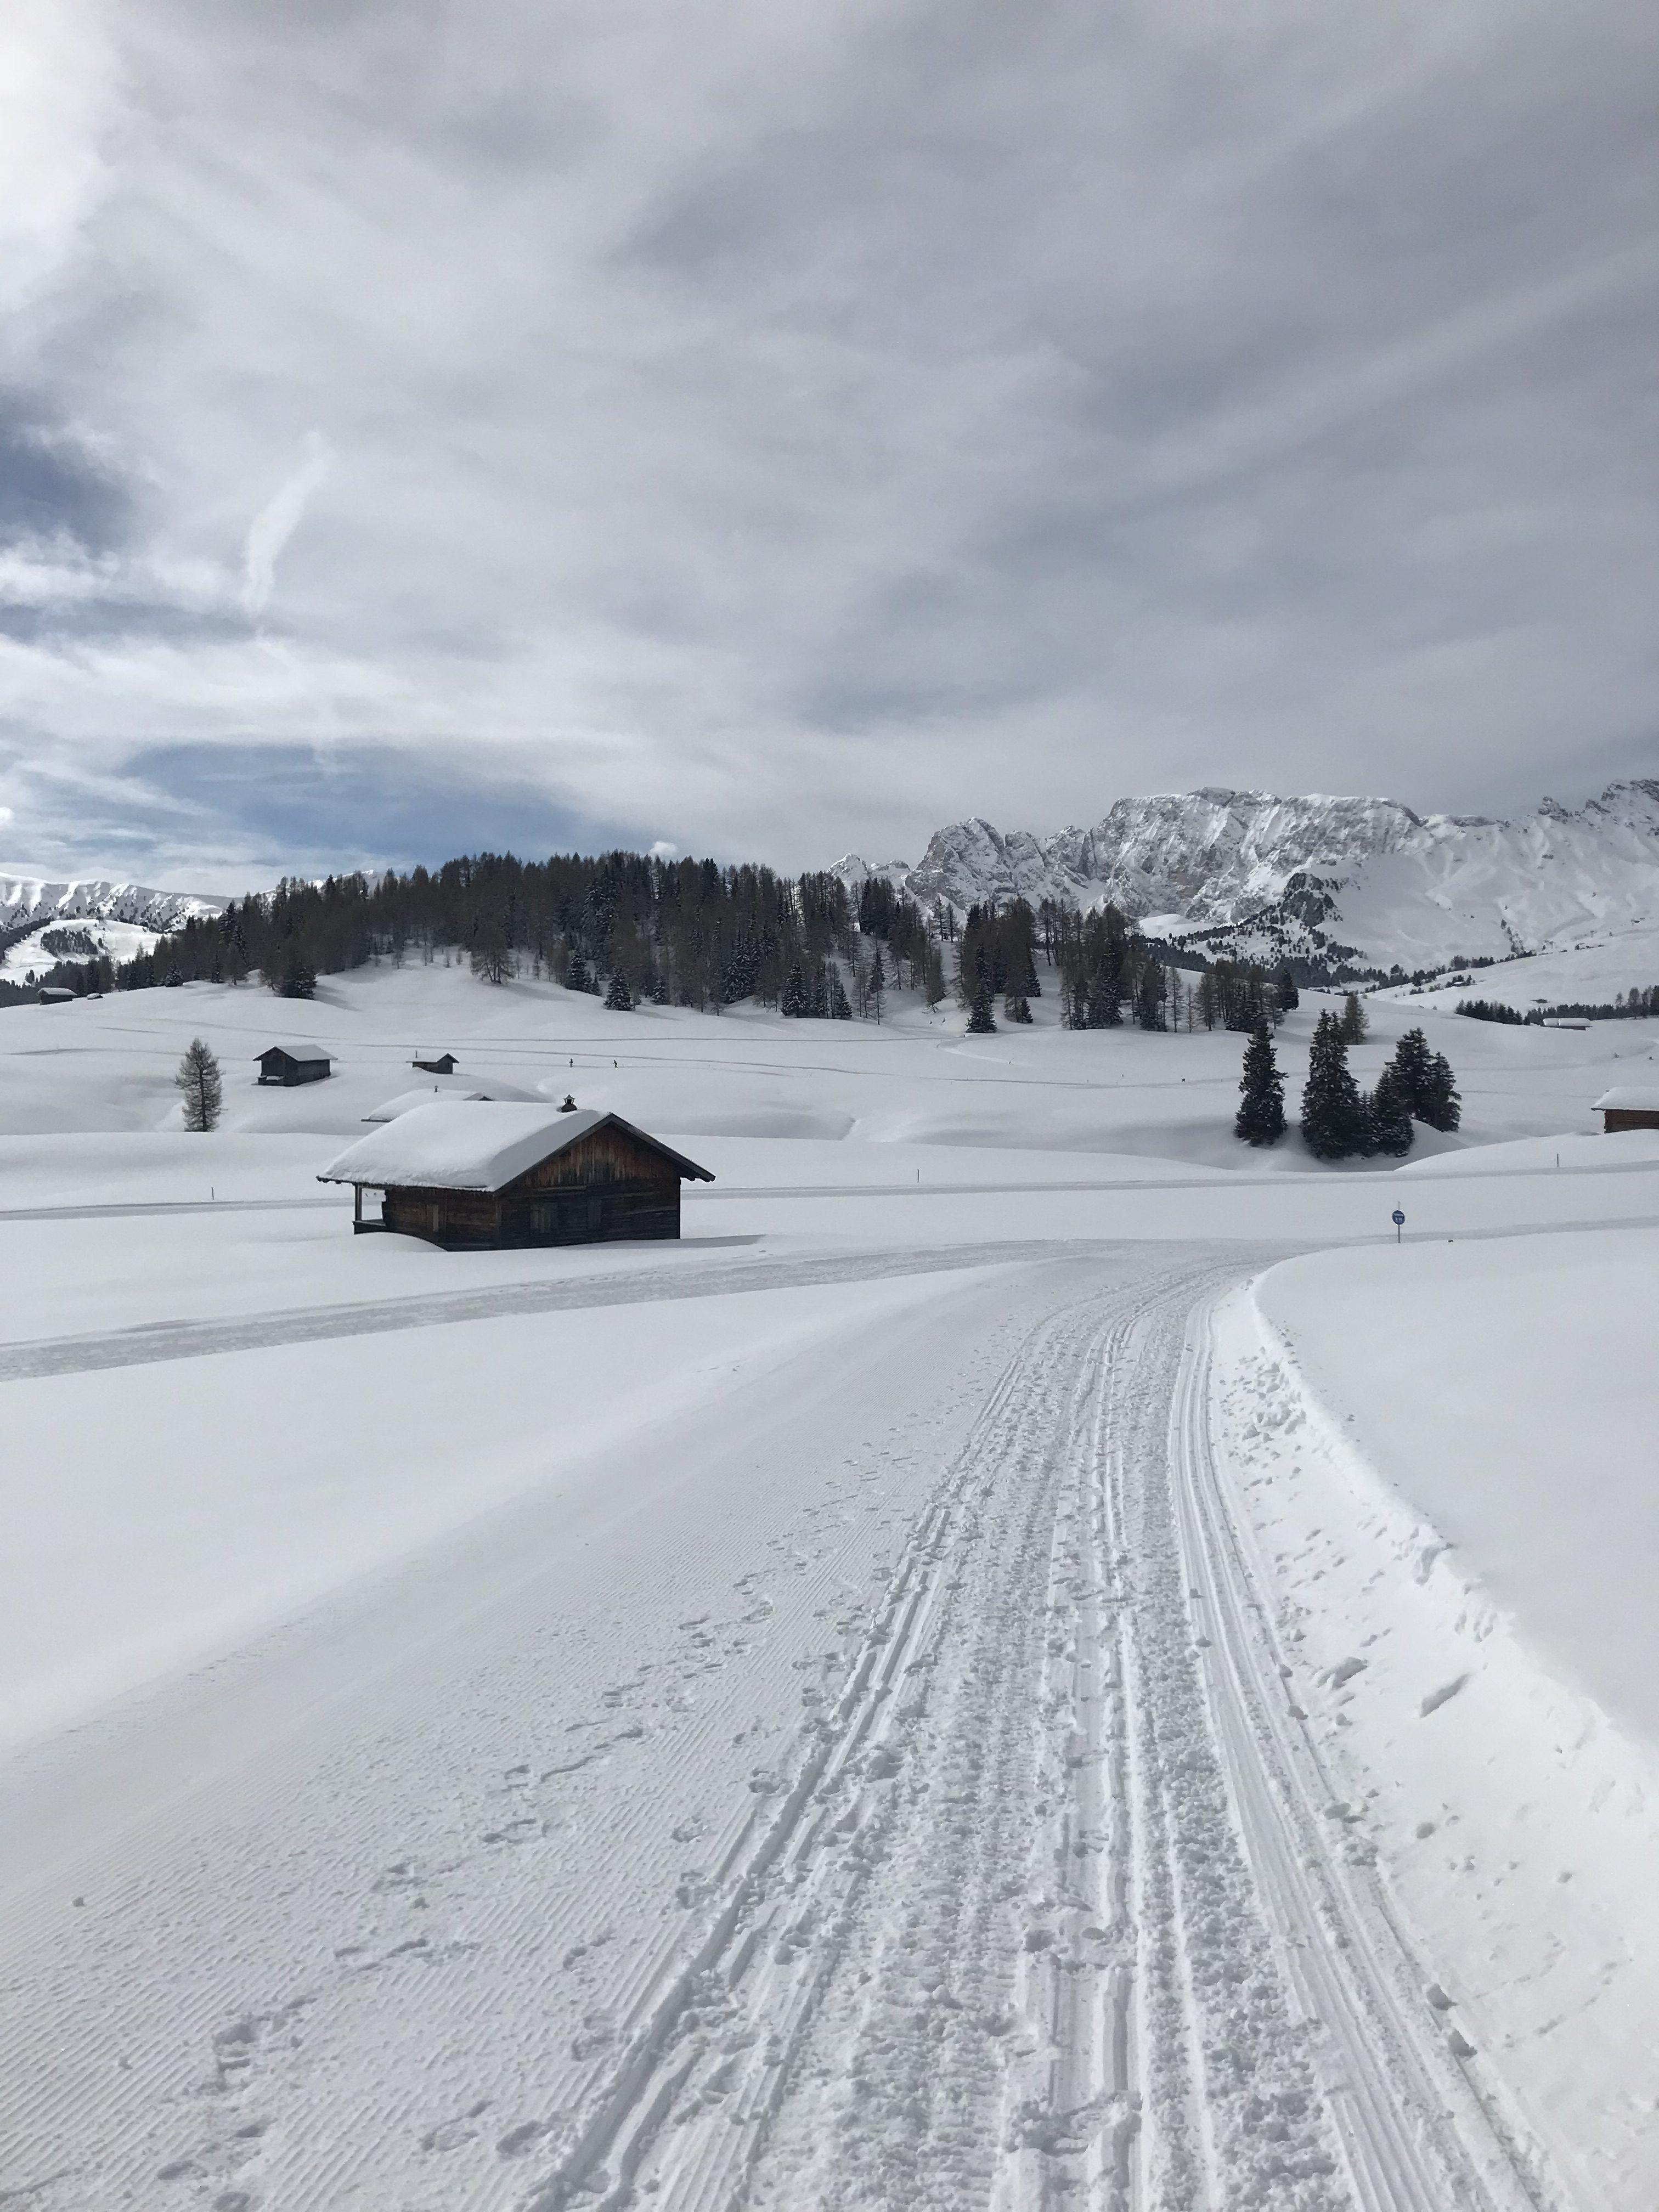 passeggiata invernale alpe di siusi